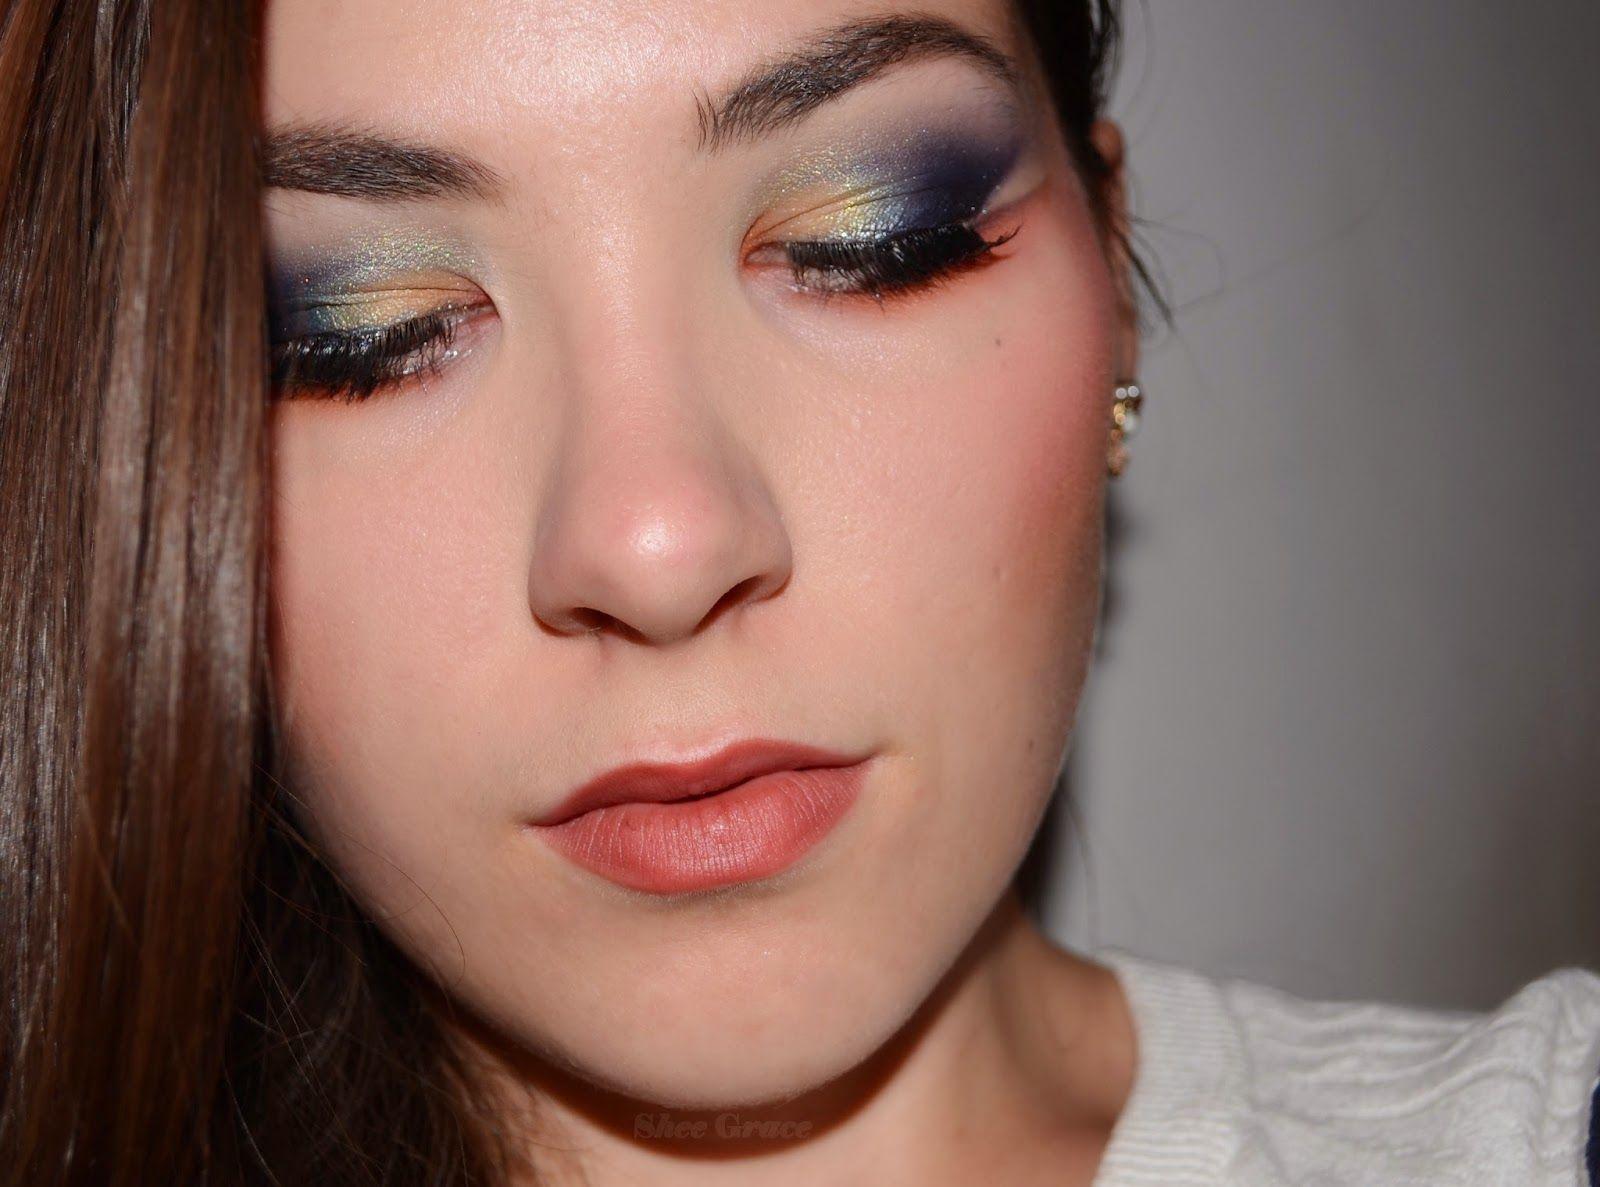 Farfalla themed make up